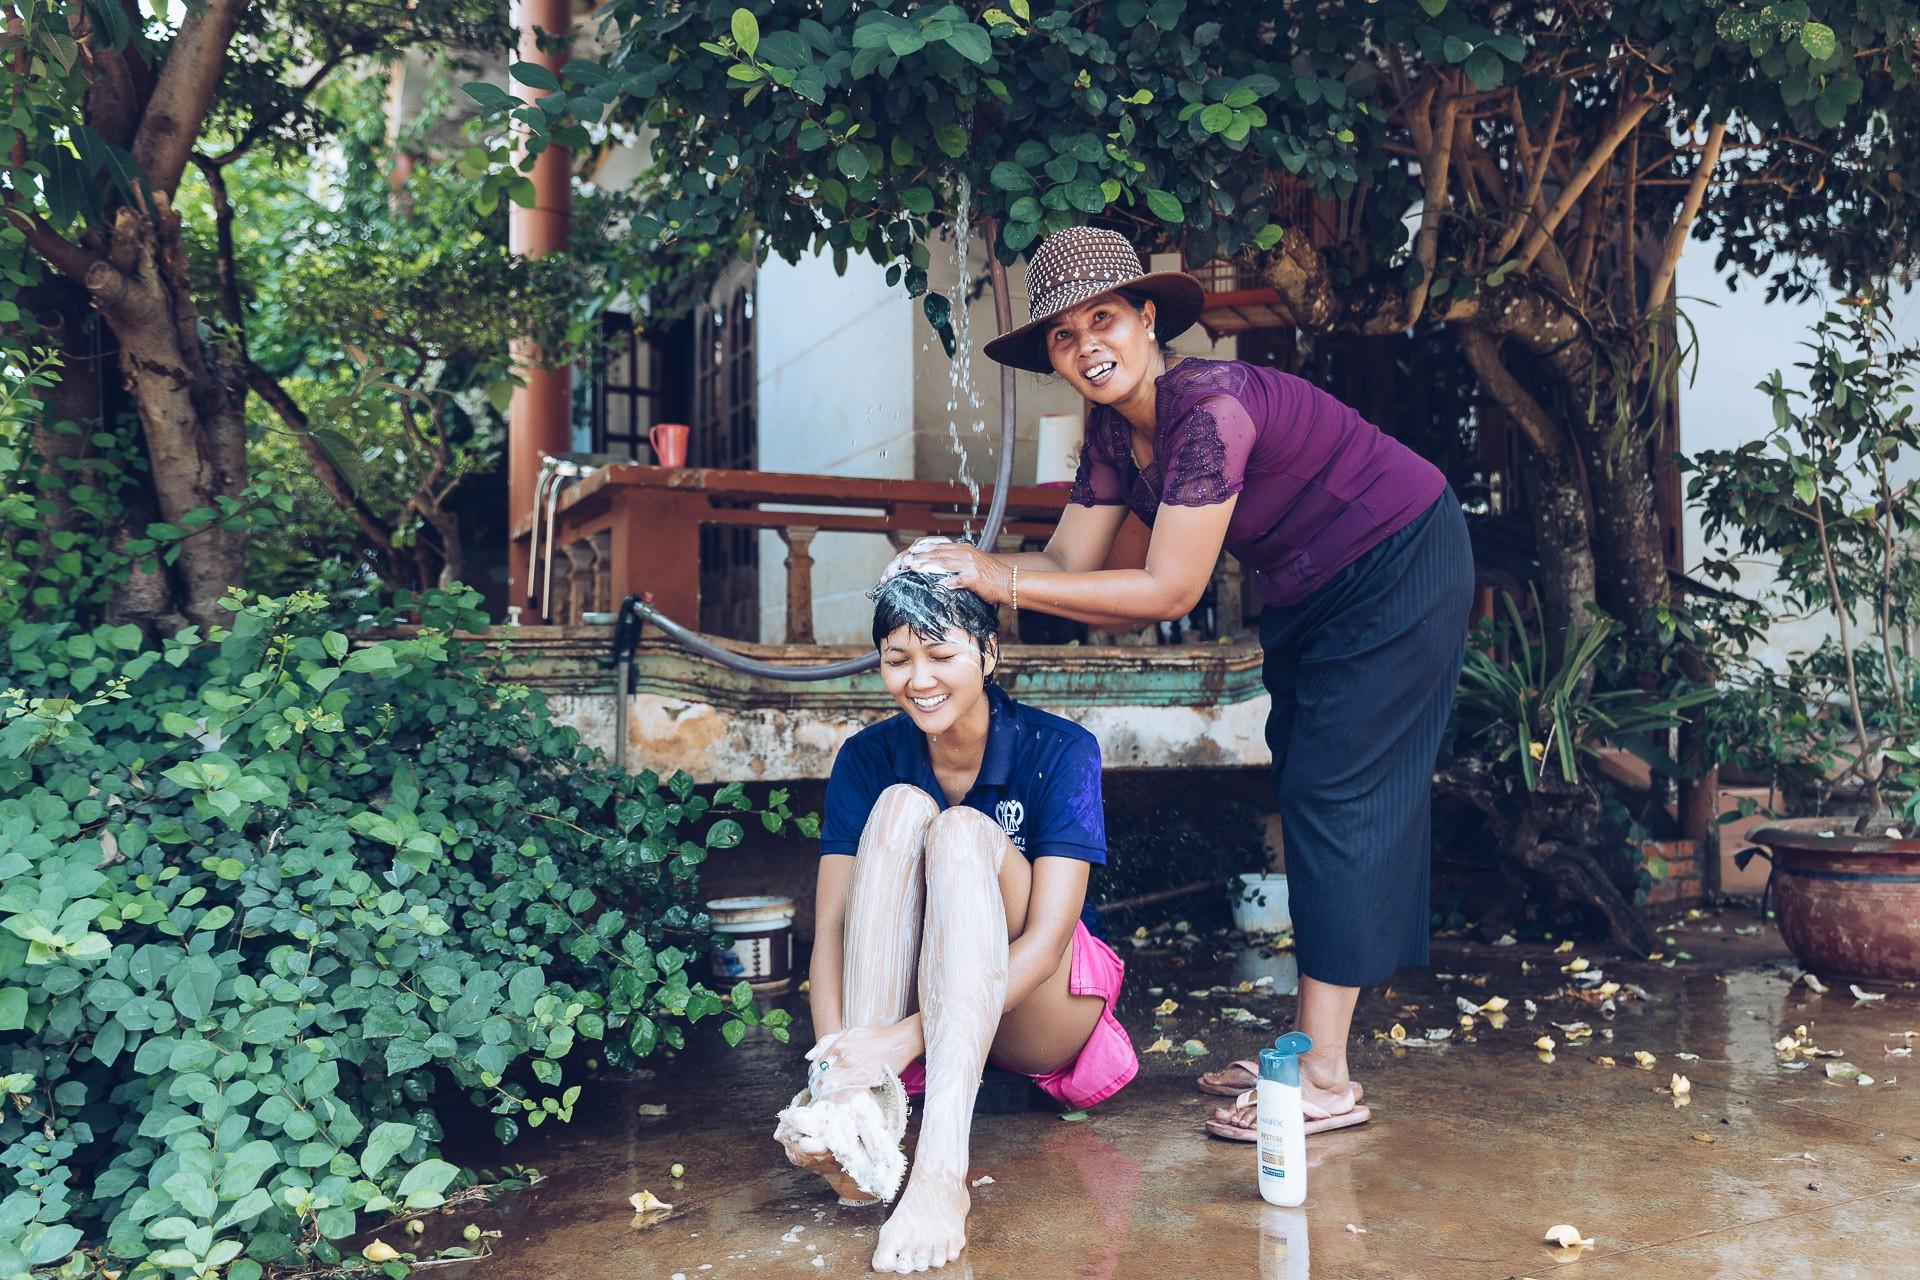 Dù đã là Hoa hậu, HHen Niê vẫn thích được mẹ tắm như thế này mỗi khi trở về nhà - Ảnh 3.